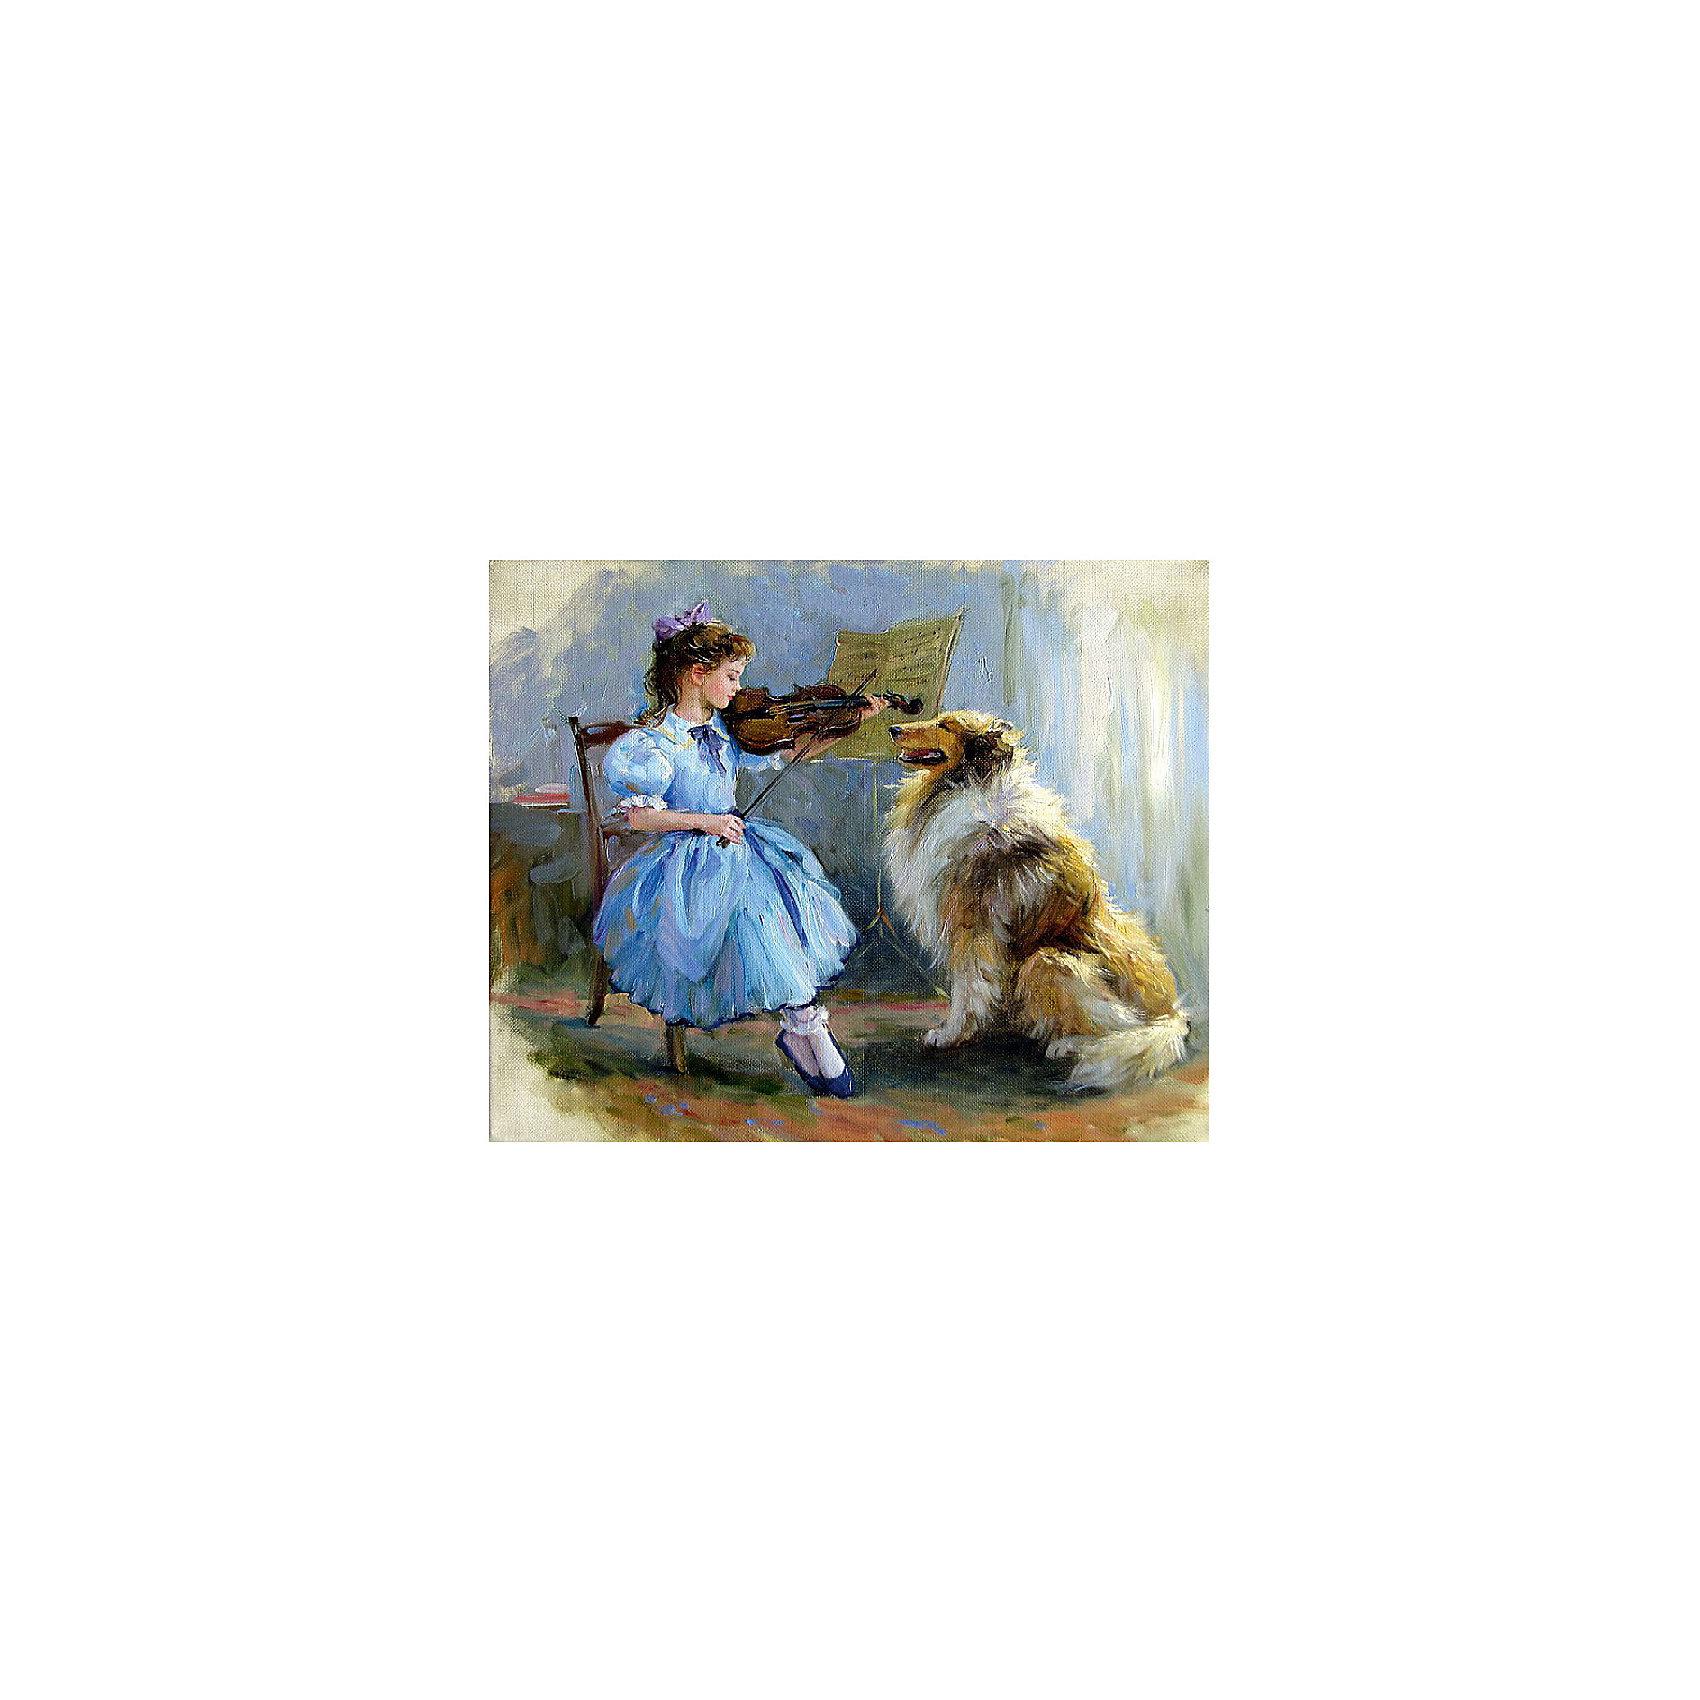 Картина по номерам К. Разумов: Благодарный слушатель, 40*50 смКартины с раскраской по номерам размером 40*50. На деревянном подрамнике, с прогрунтованным холстом и  нанесенными контурами картины, с указанием цвета закраски, акриловыми красками, 3 кисточками и креплением на стену. Уровень сложности, количество красок указаны на коробке.<br><br>Ширина мм: 500<br>Глубина мм: 400<br>Высота мм: 40<br>Вес г: 730<br>Возраст от месяцев: 108<br>Возраст до месяцев: 2147483647<br>Пол: Унисекс<br>Возраст: Детский<br>SKU: 5417706